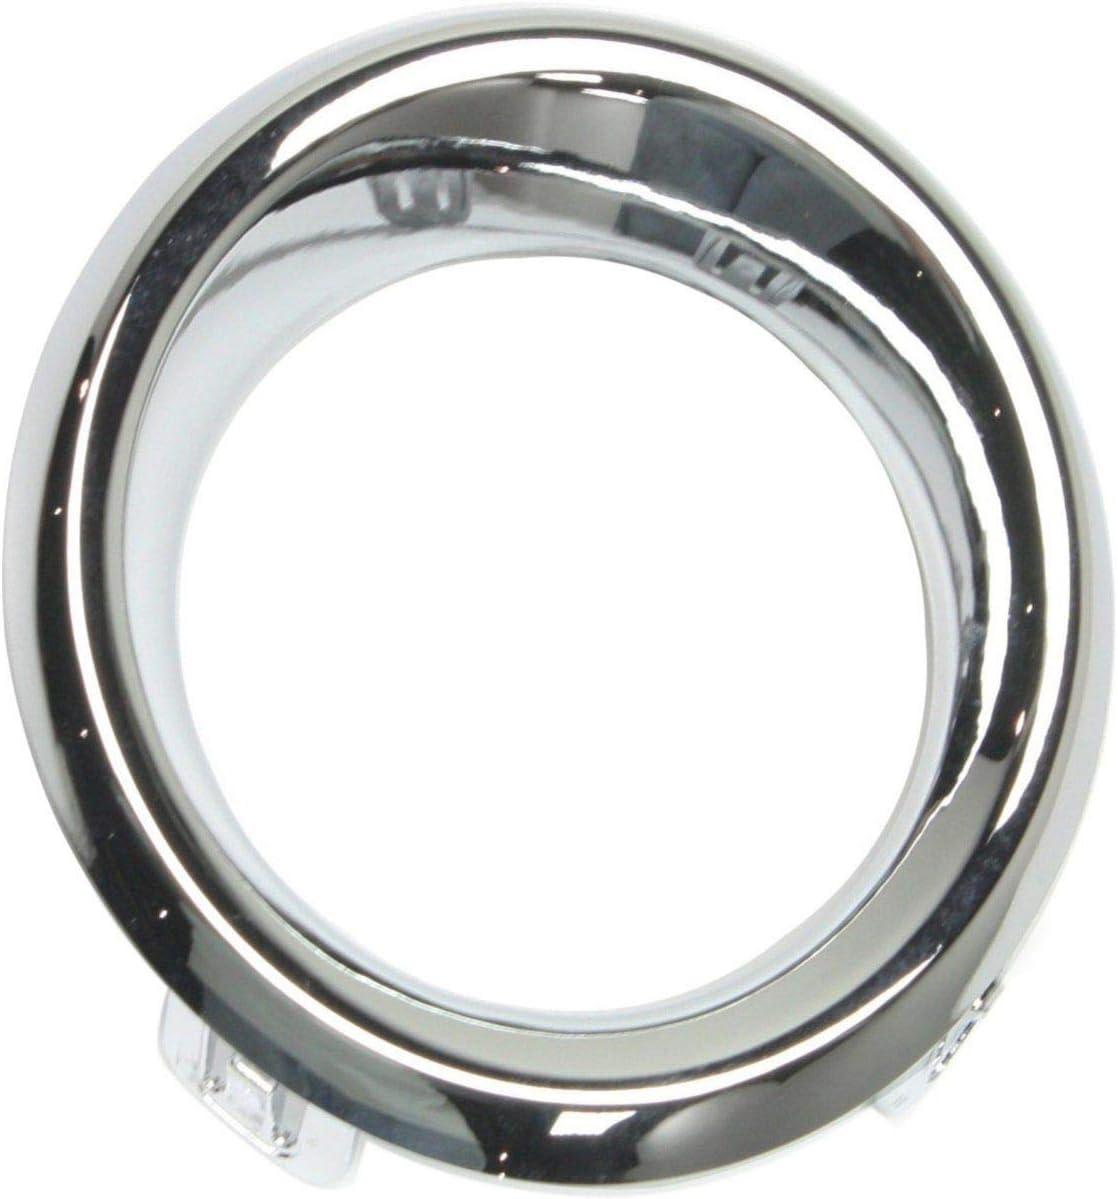 For Mercedes-Benz C250 12-15 K-Metal 8333354 Front Driver Side Fog Light Bezel